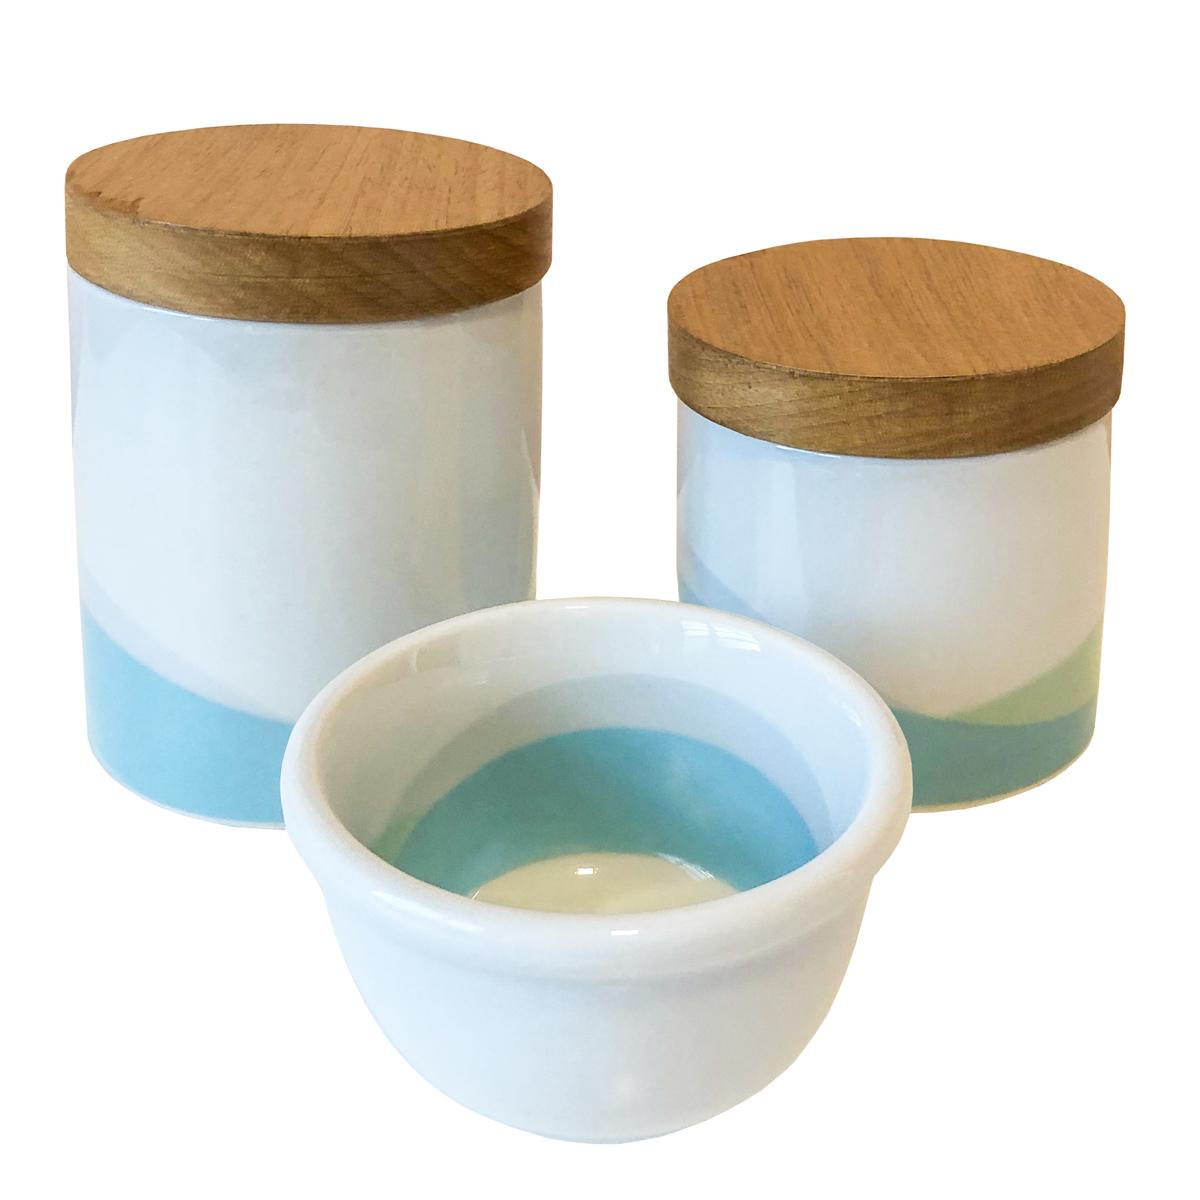 Kit Higiene Ameise Design Azul E Verde